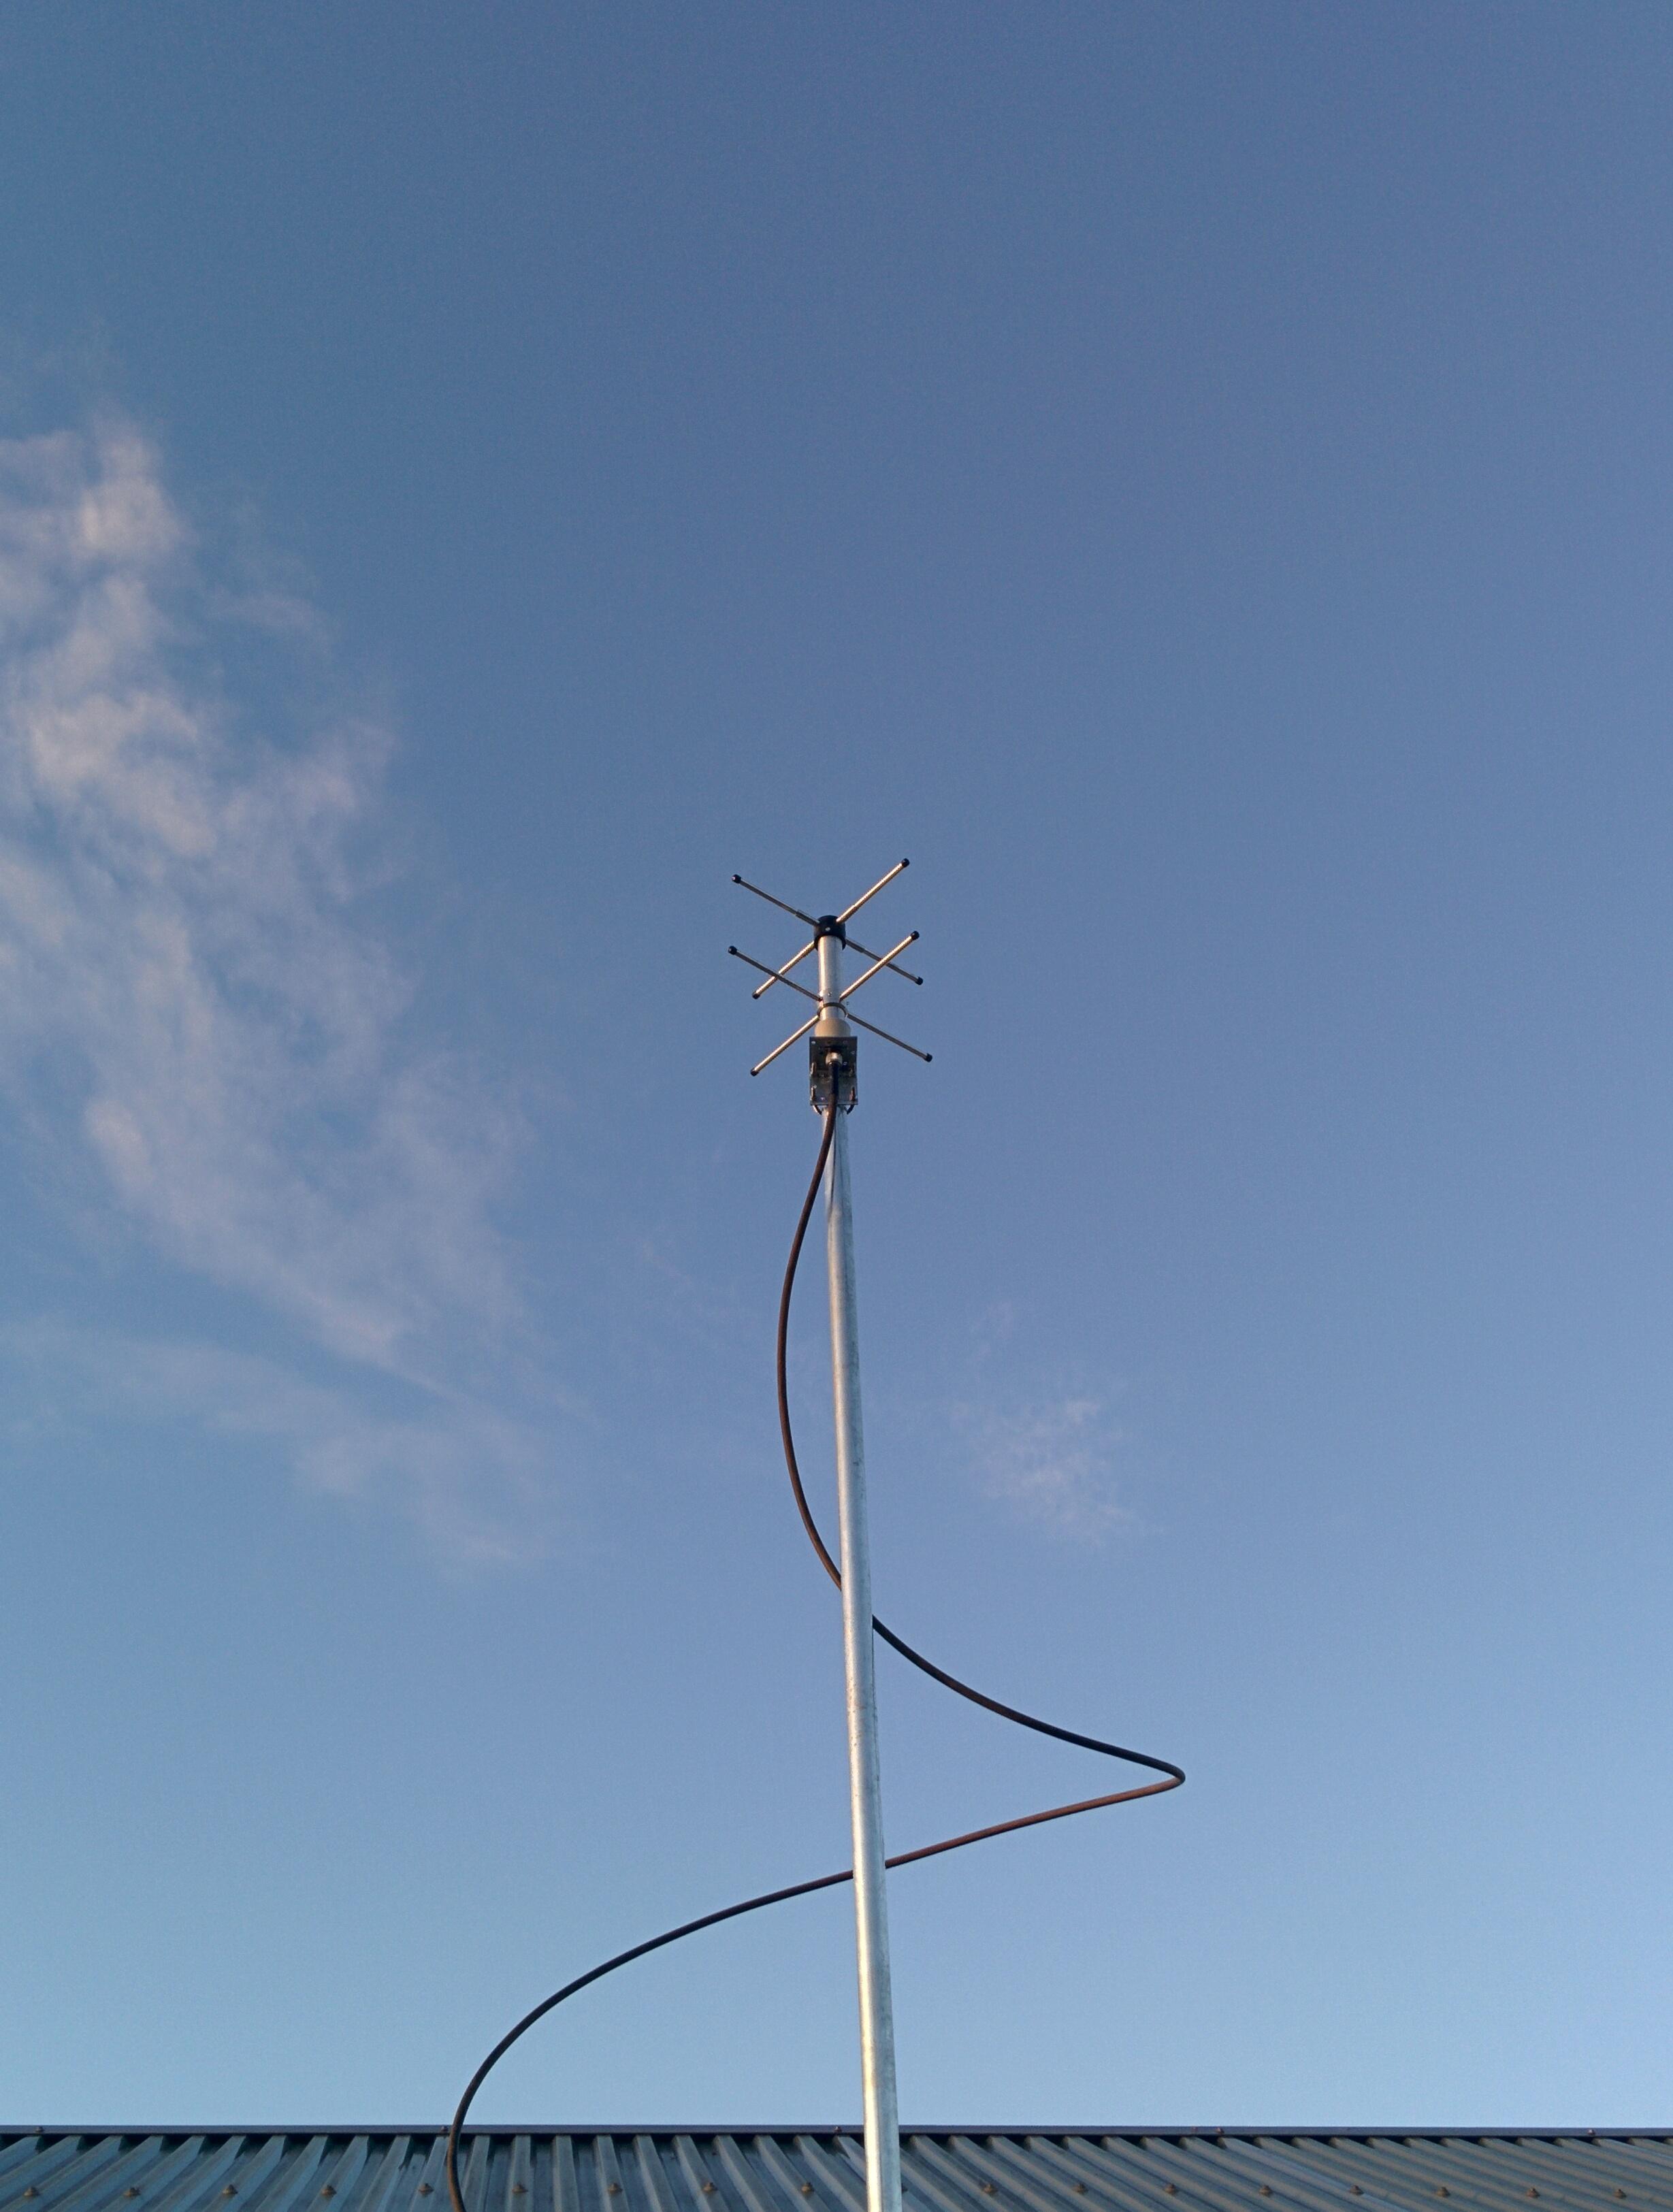 AHV-UHF